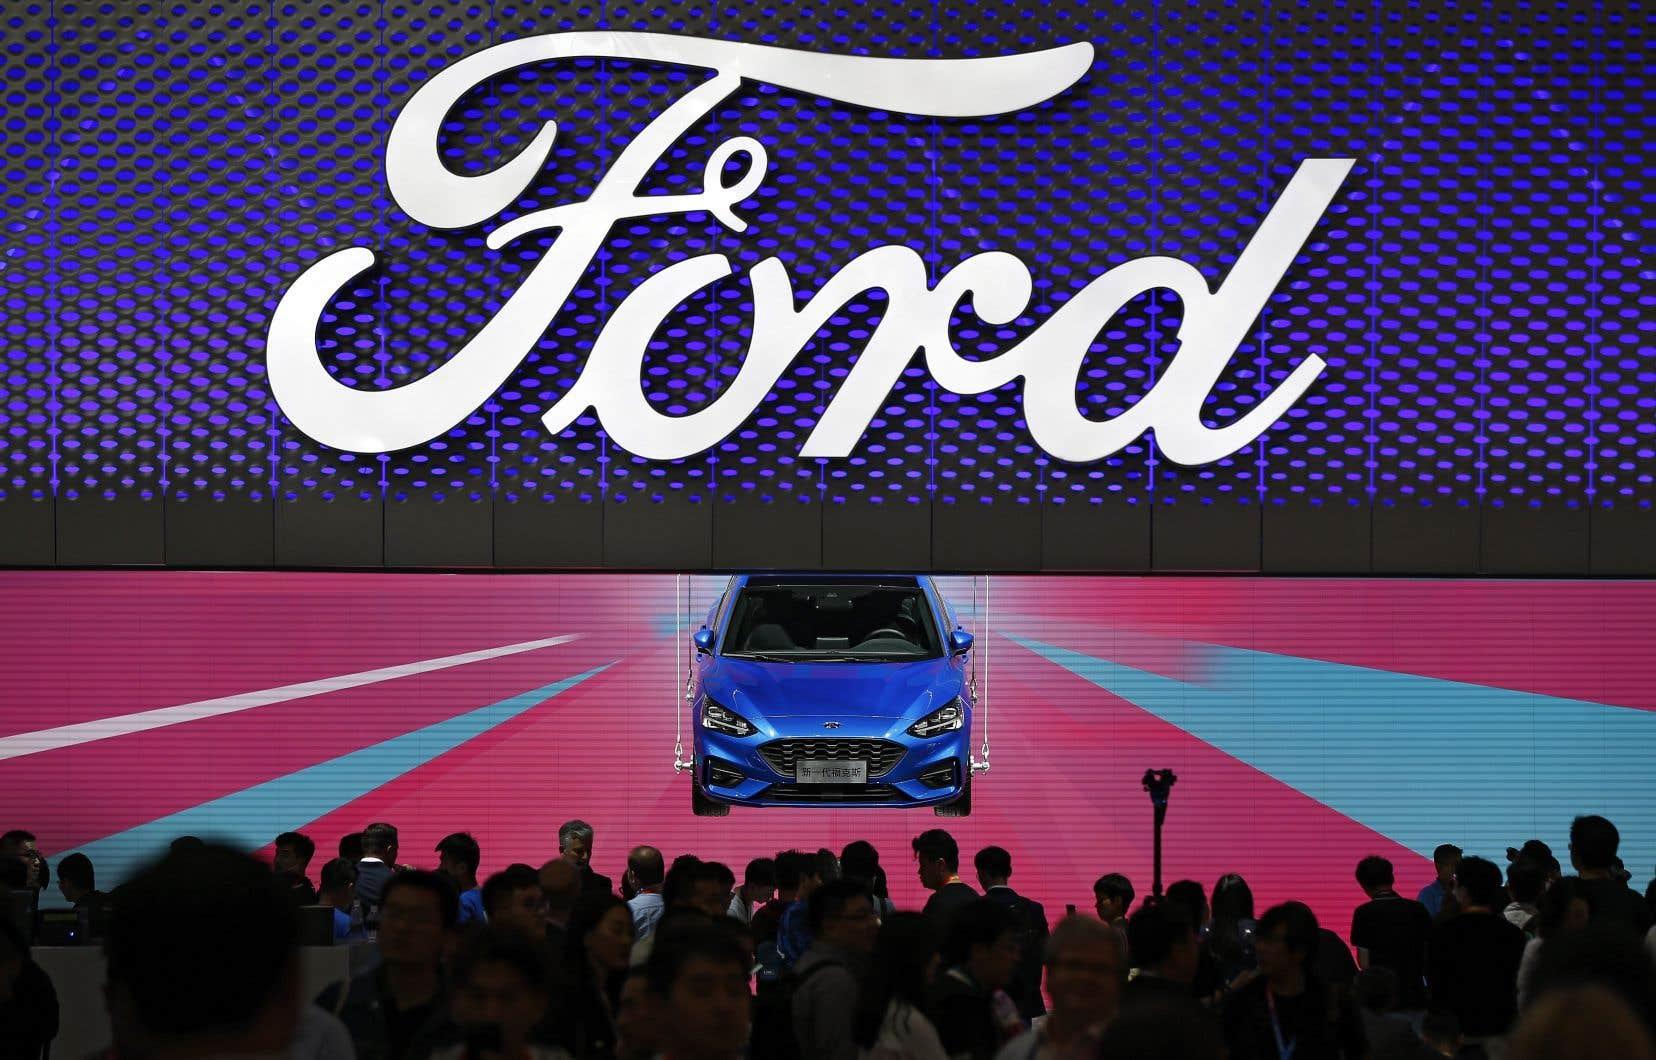 Parmi les berlines, seuls la Mustang et la Focus continueront d'être produites.